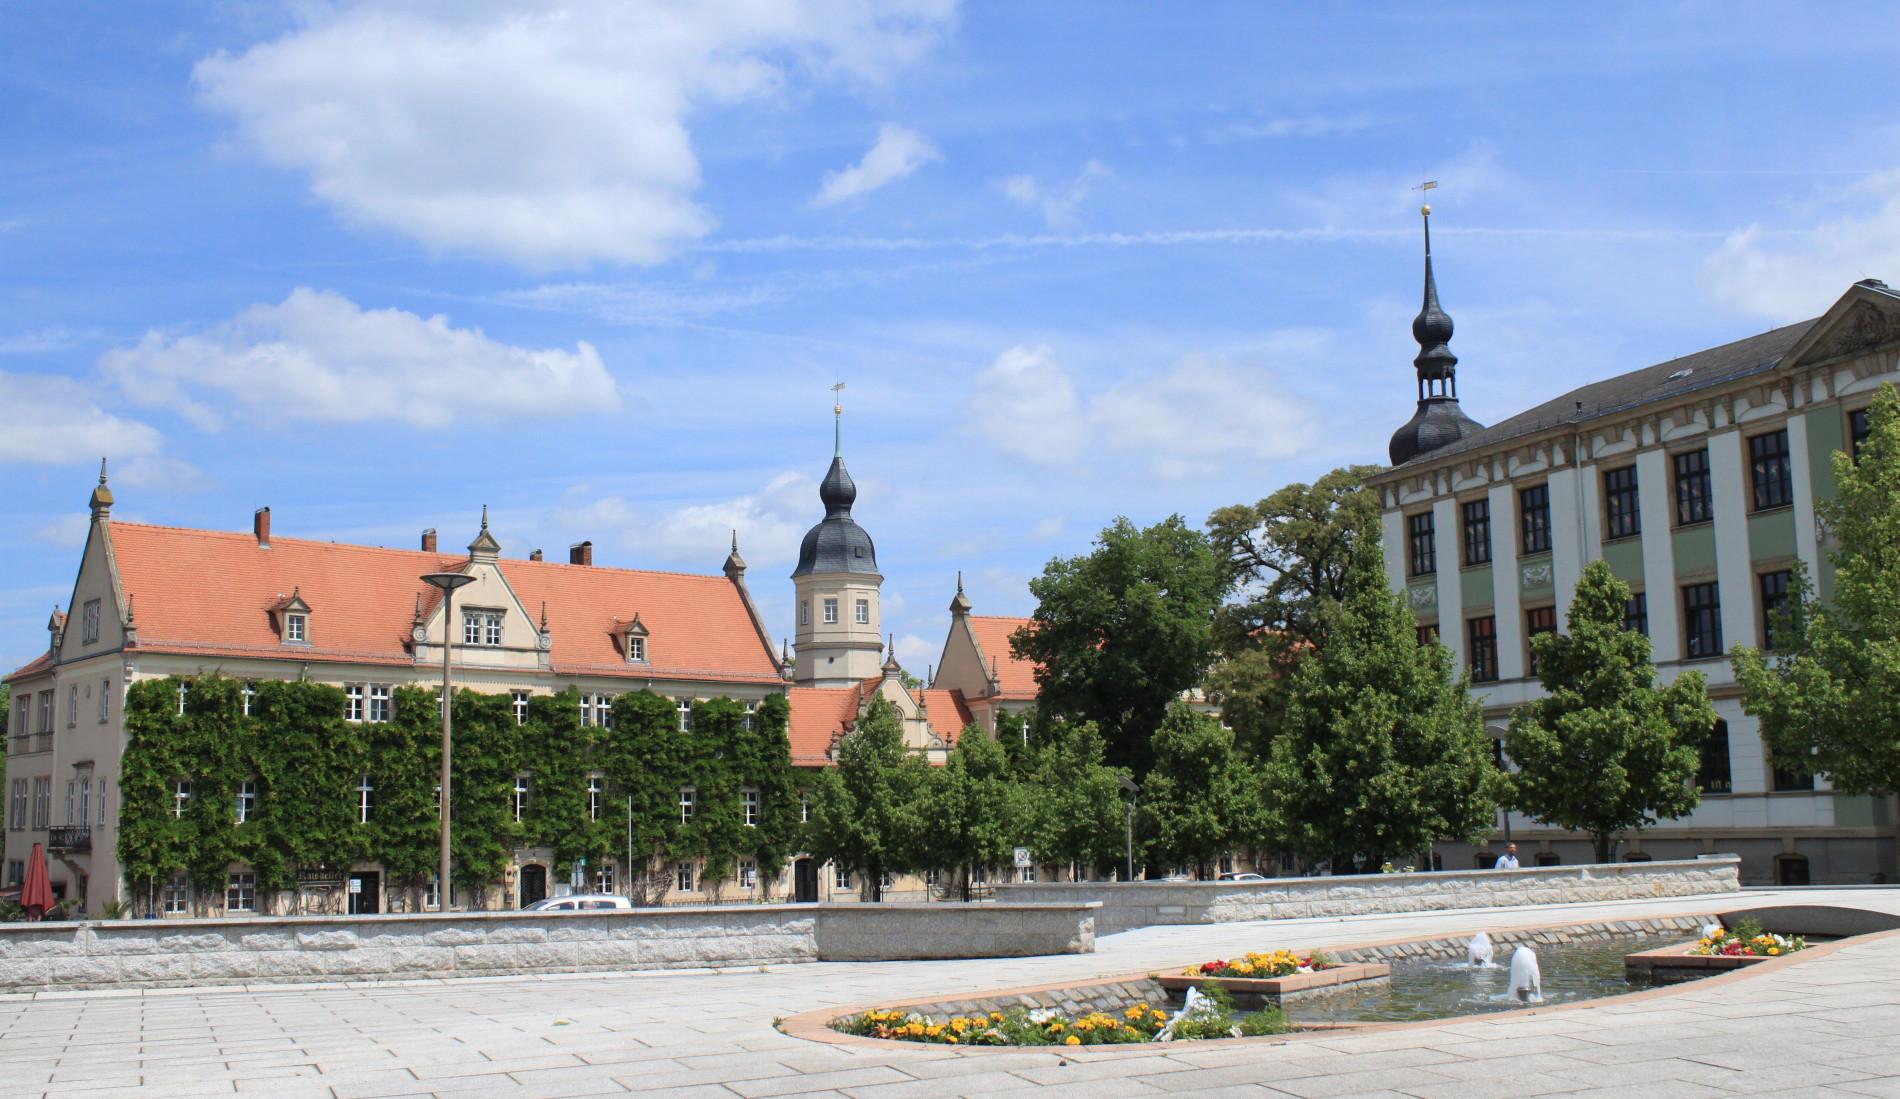 Riesa Rathaus